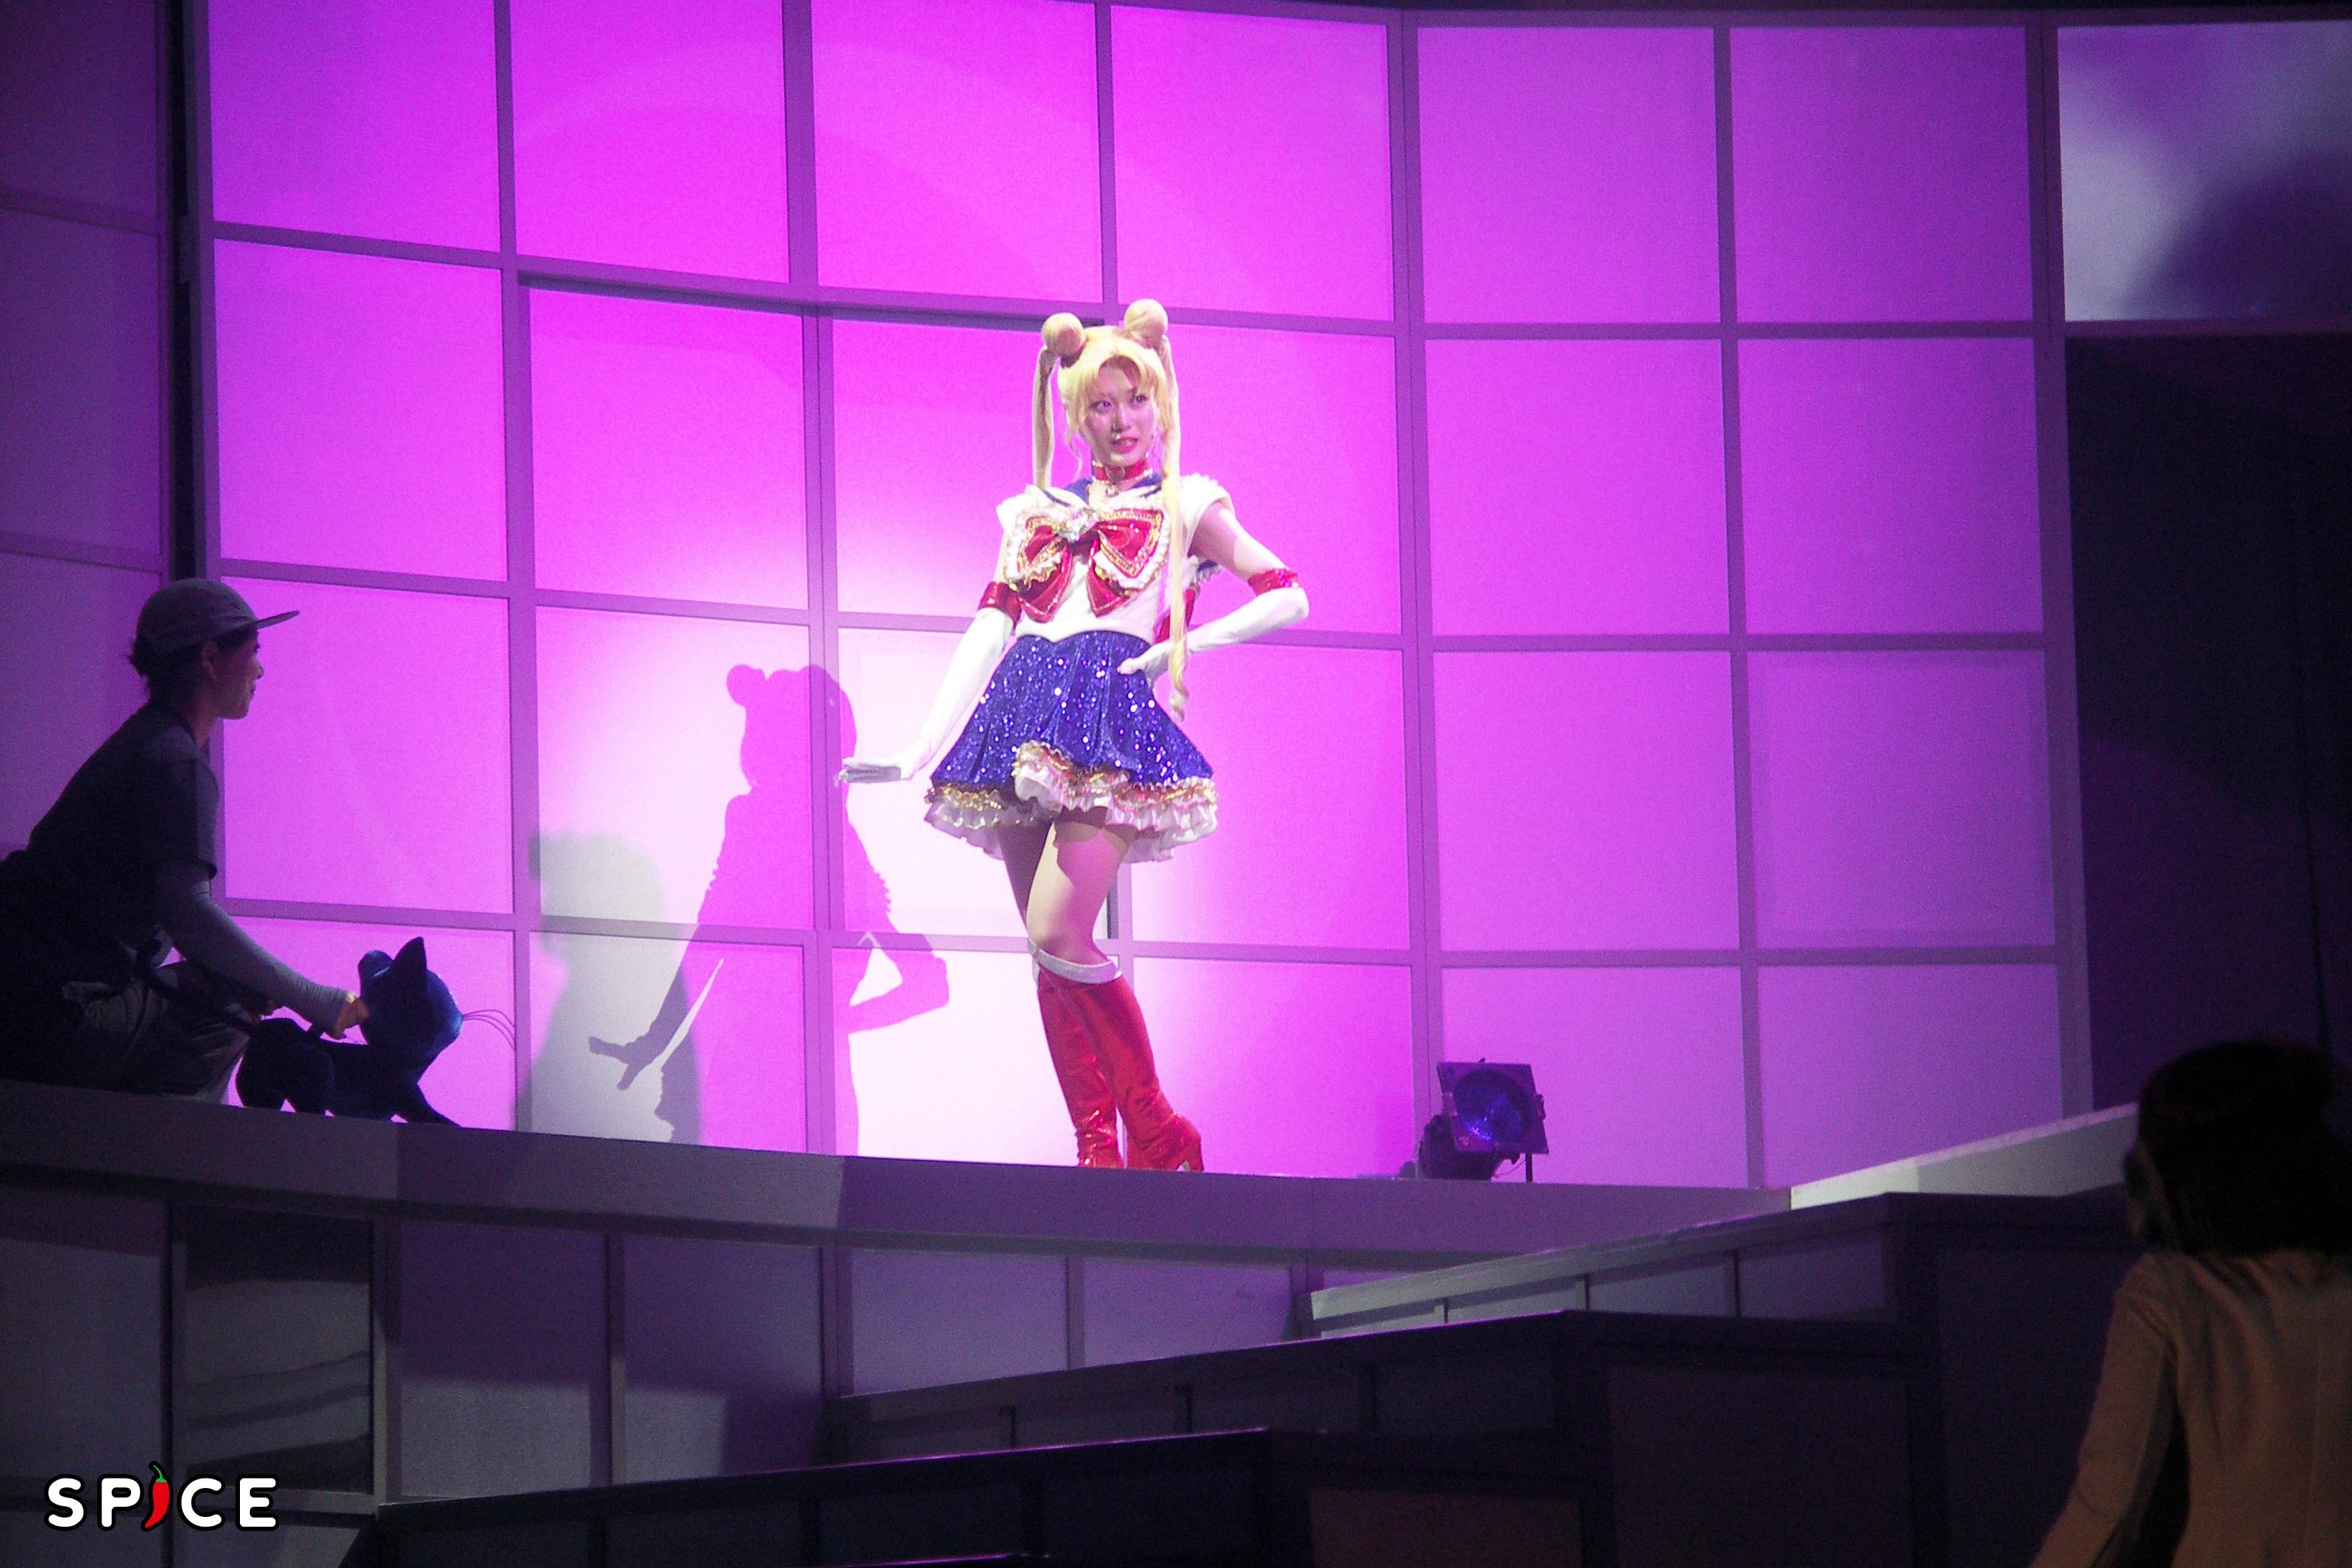 右に「ルナ」と操演者。見えても気にならない (C)武内直子・PNP/乃木坂46版 ミュージカル「美少女戦士セーラームーン」製作委員会